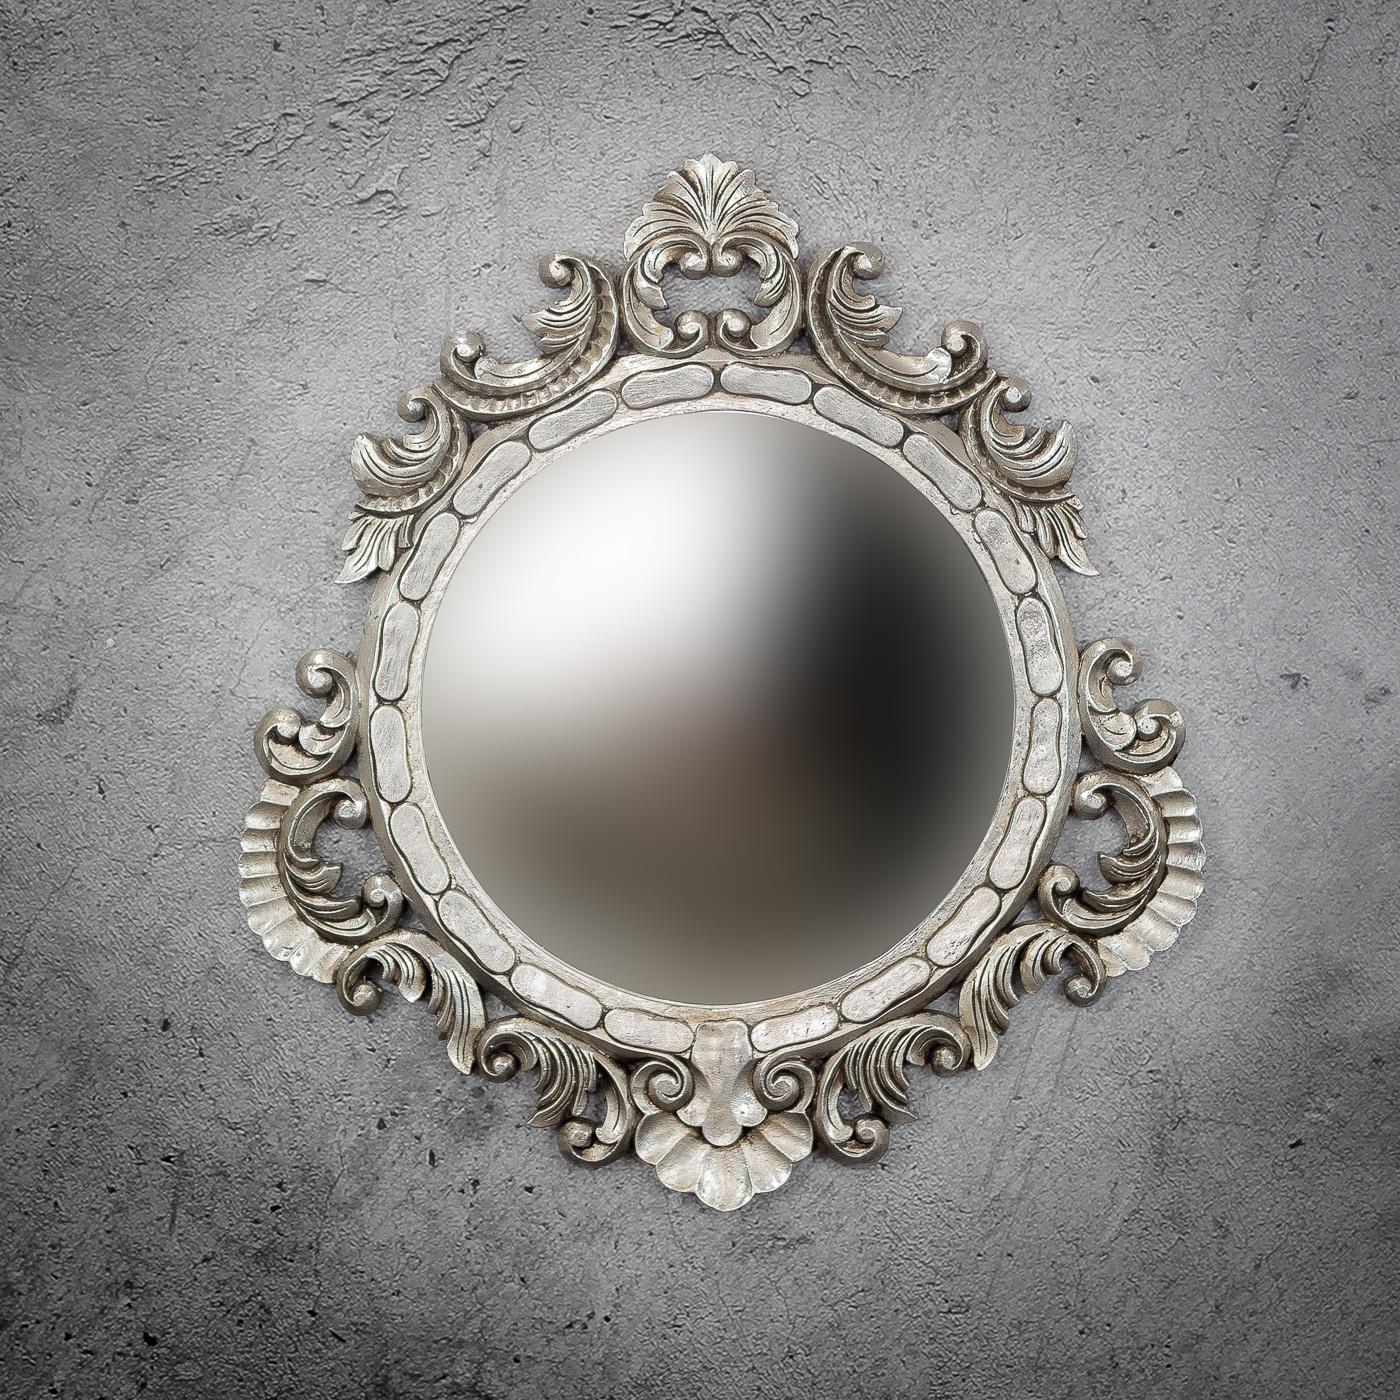 Espejo de pared decorativo Round Seming de 80cm SL de 80x80cm. Rococó